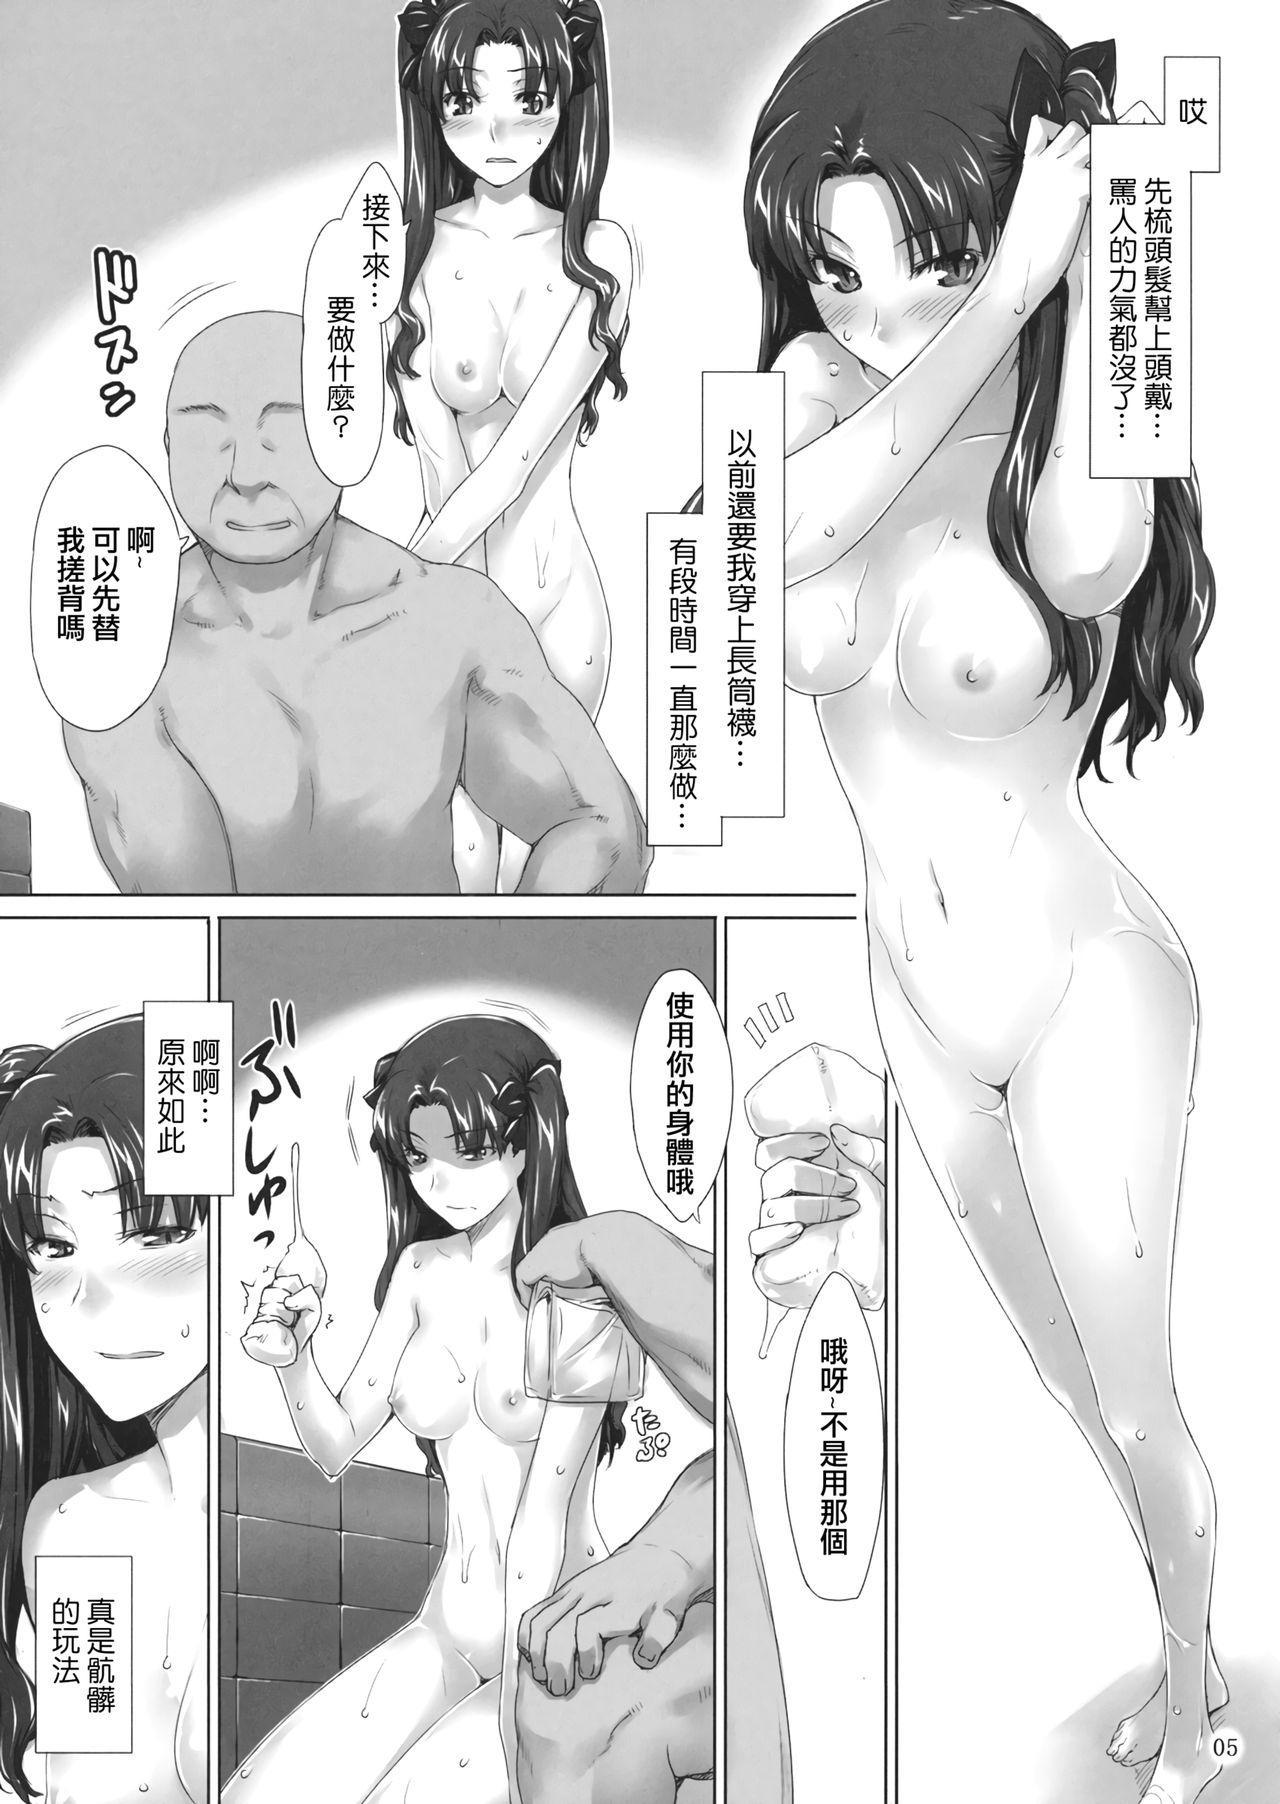 Tohsaka-ke no Kakei Jijou 6 3